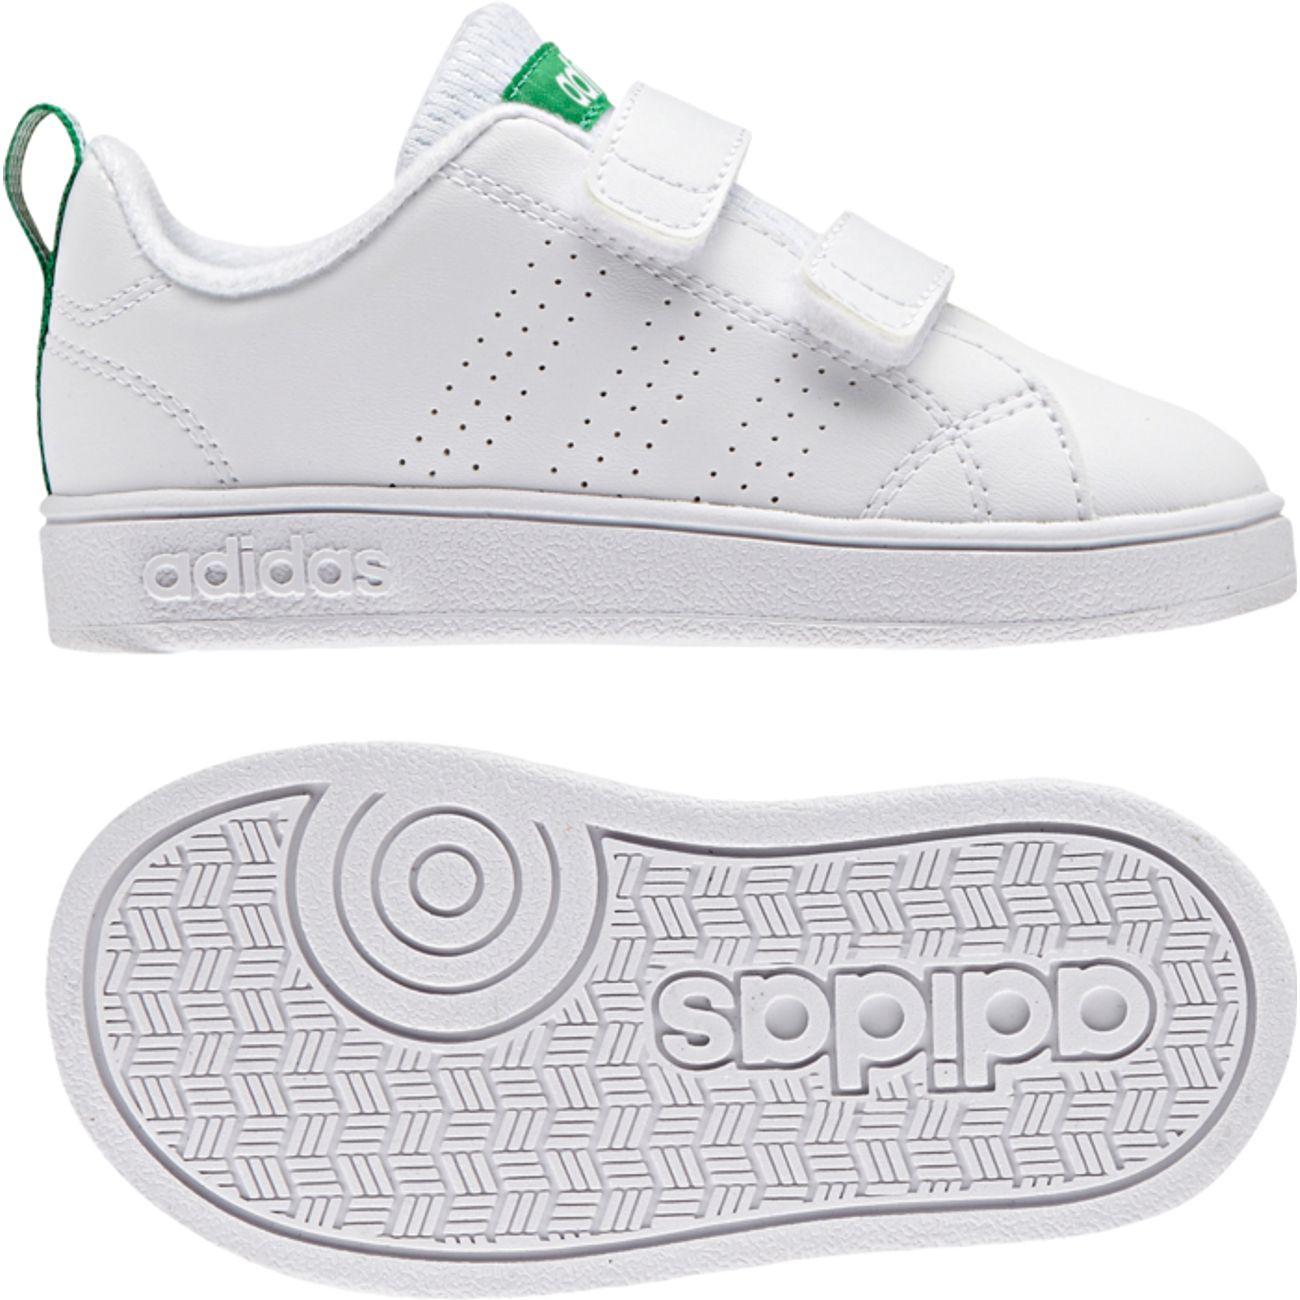 Chaussures bébé Adidas Advantage Clean VLC (Taille 21-27)